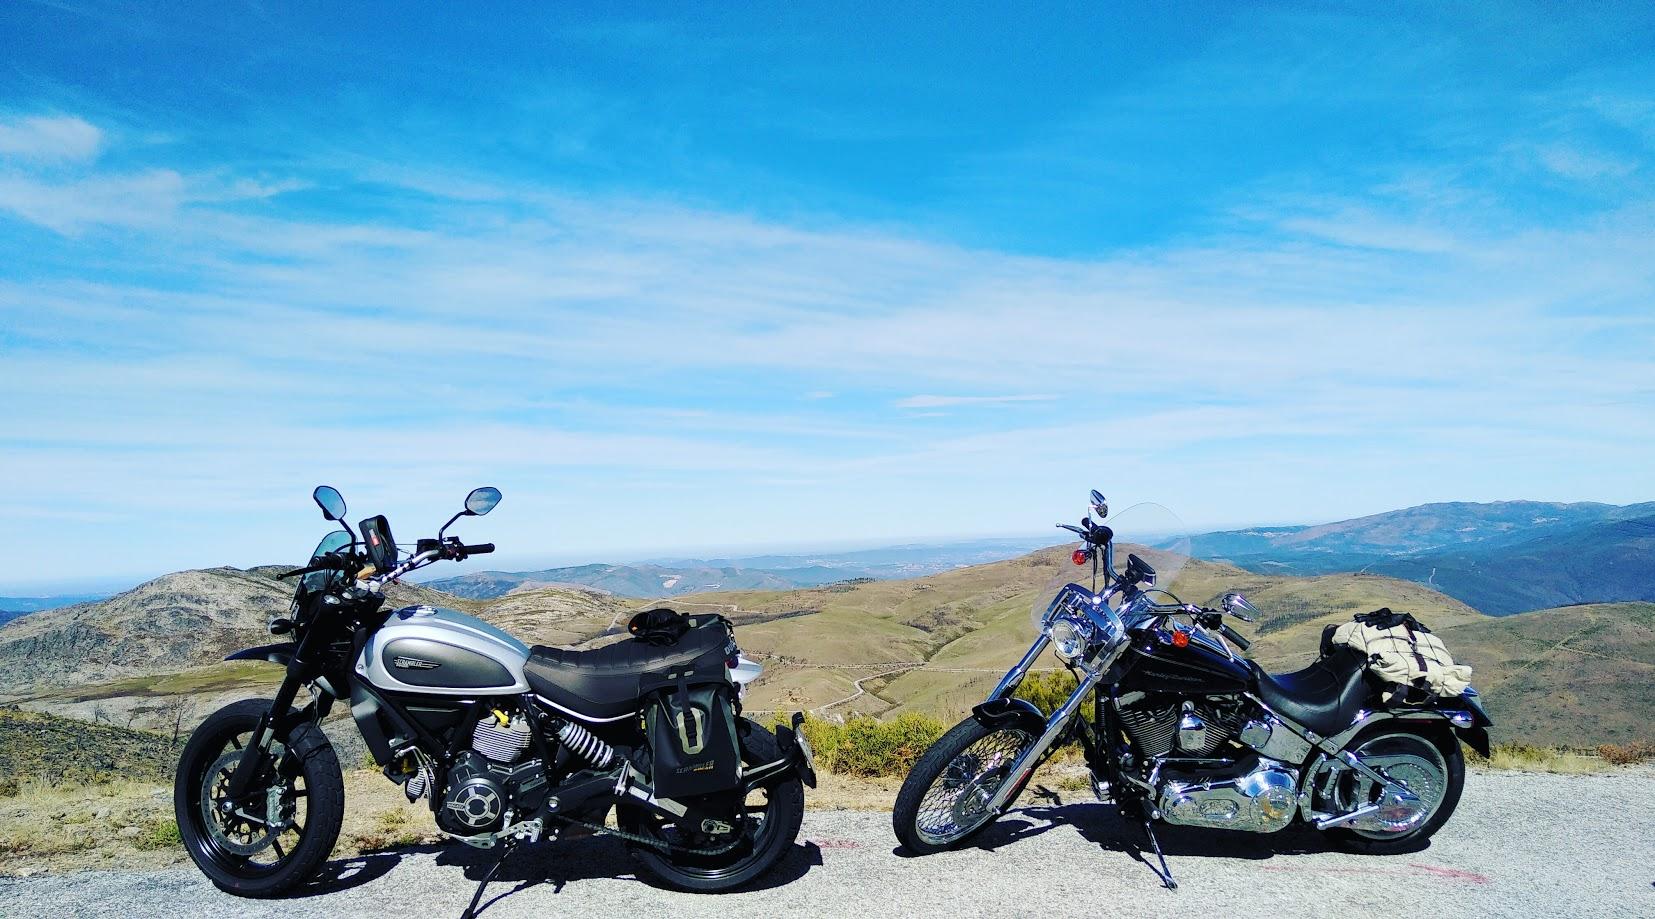 Viagens na minha terra (Serra da Freita) - Página 5 IMG_20171001_124828_490